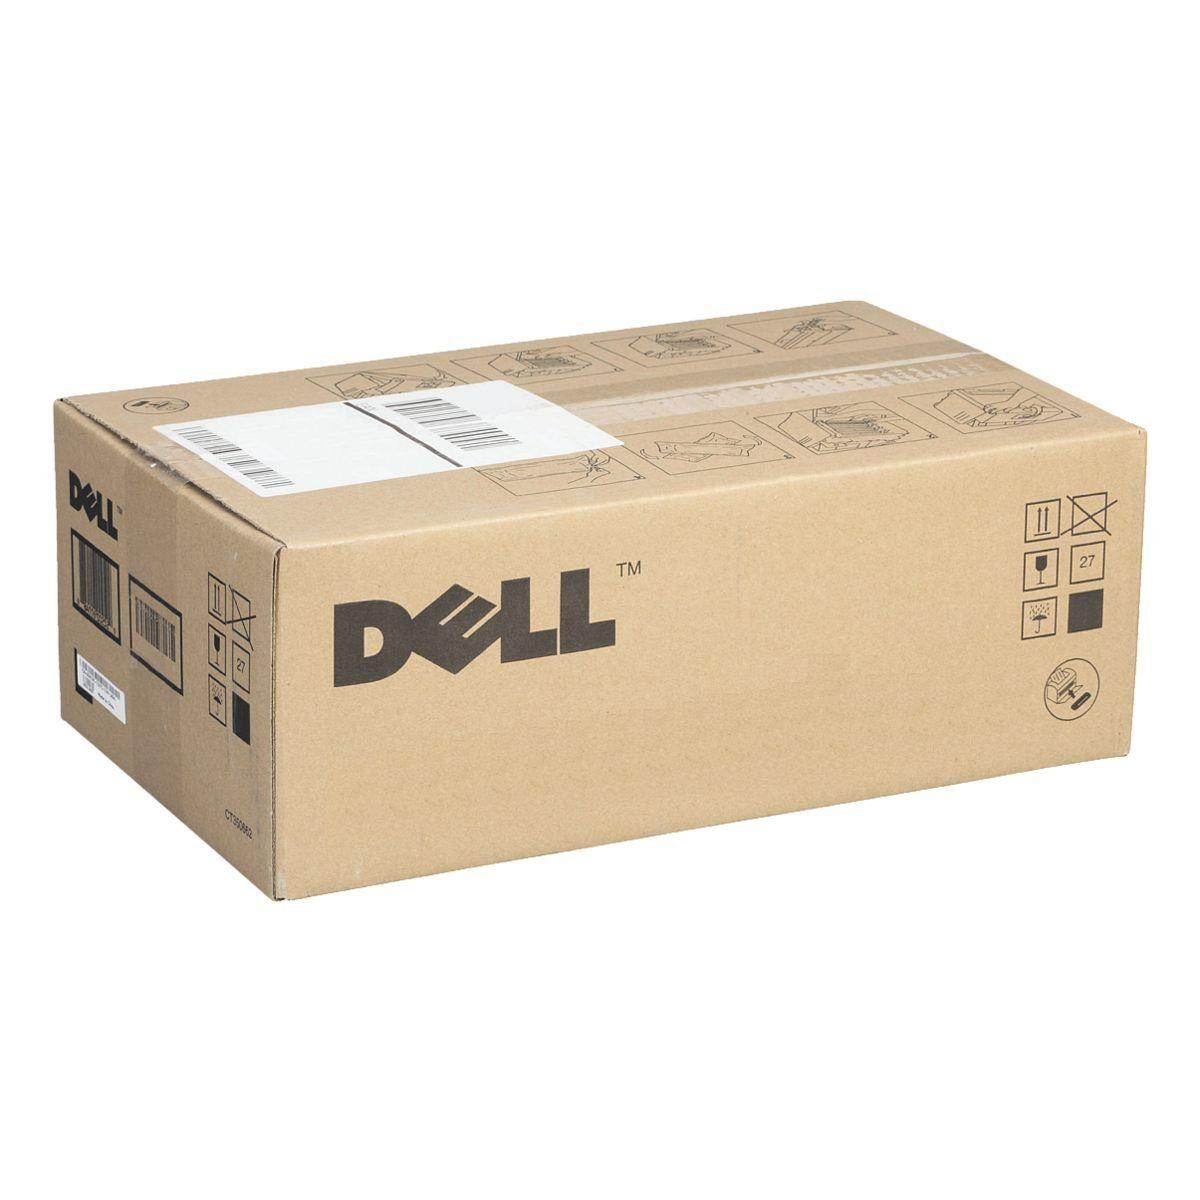 Dell Tonerkartusche »593-10173«